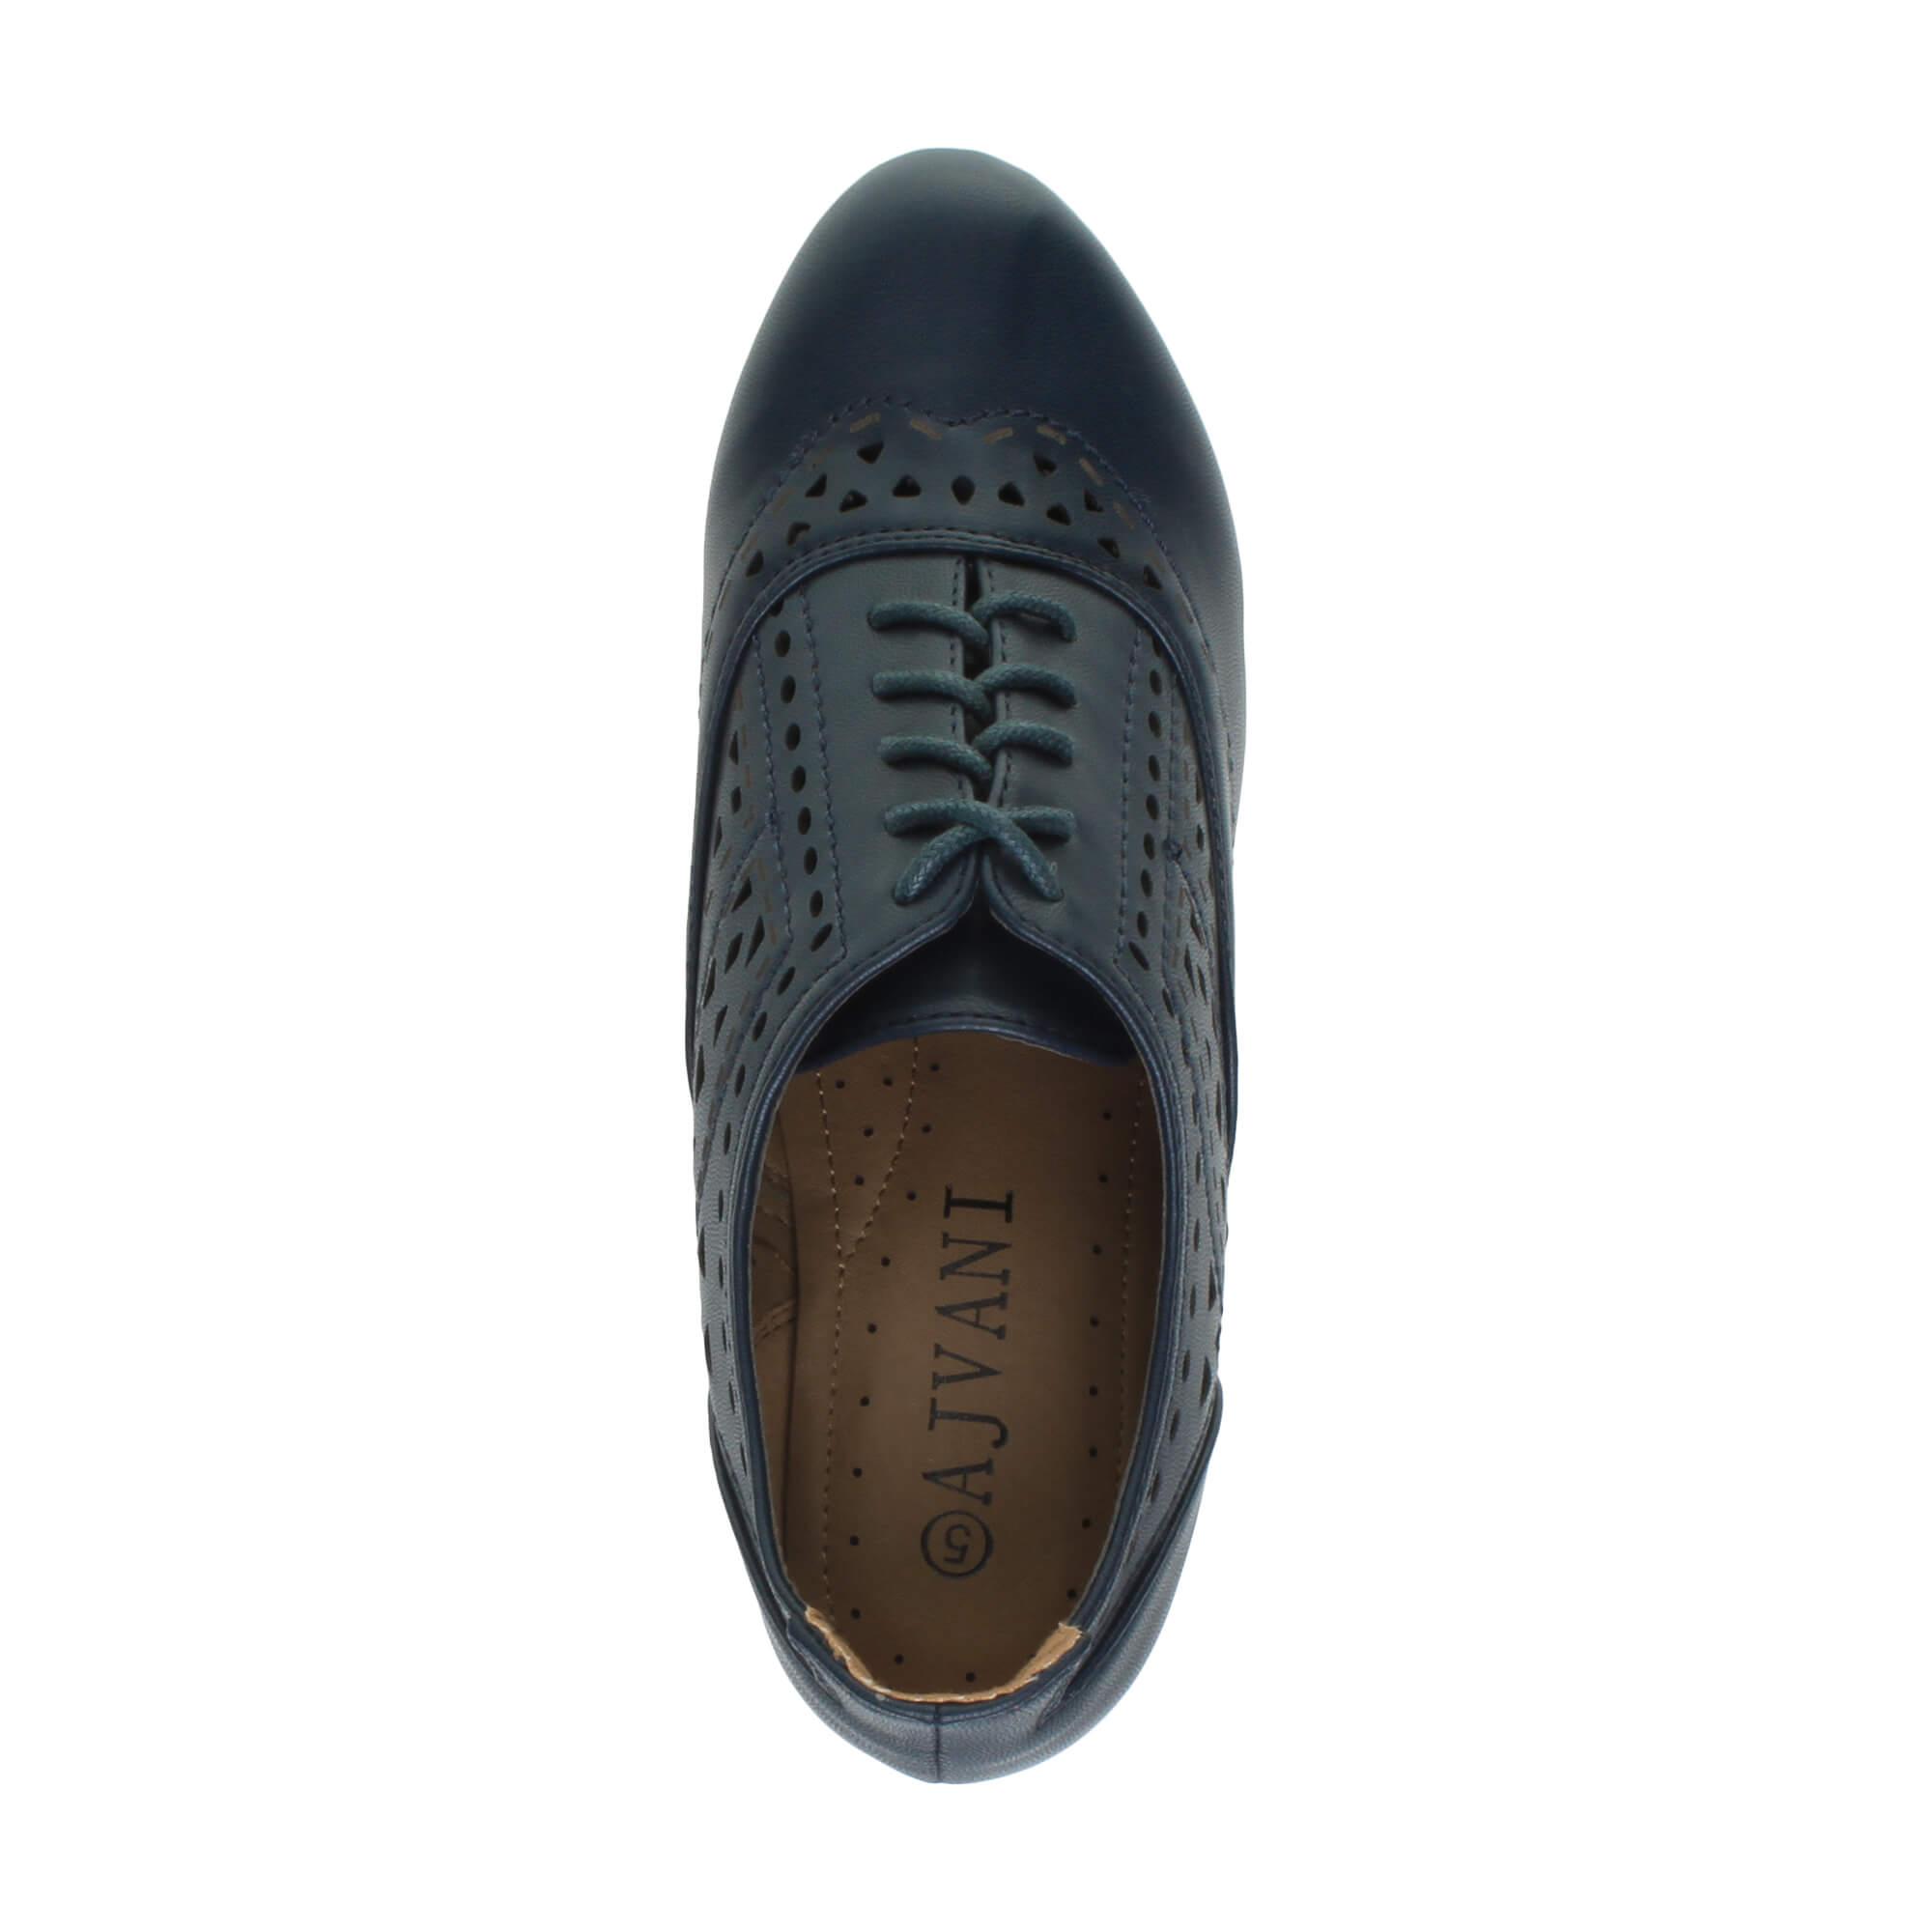 Mujeres-tacon-medio-recortar-con-cordones-zapatos-gruesos-botines-botas-talla